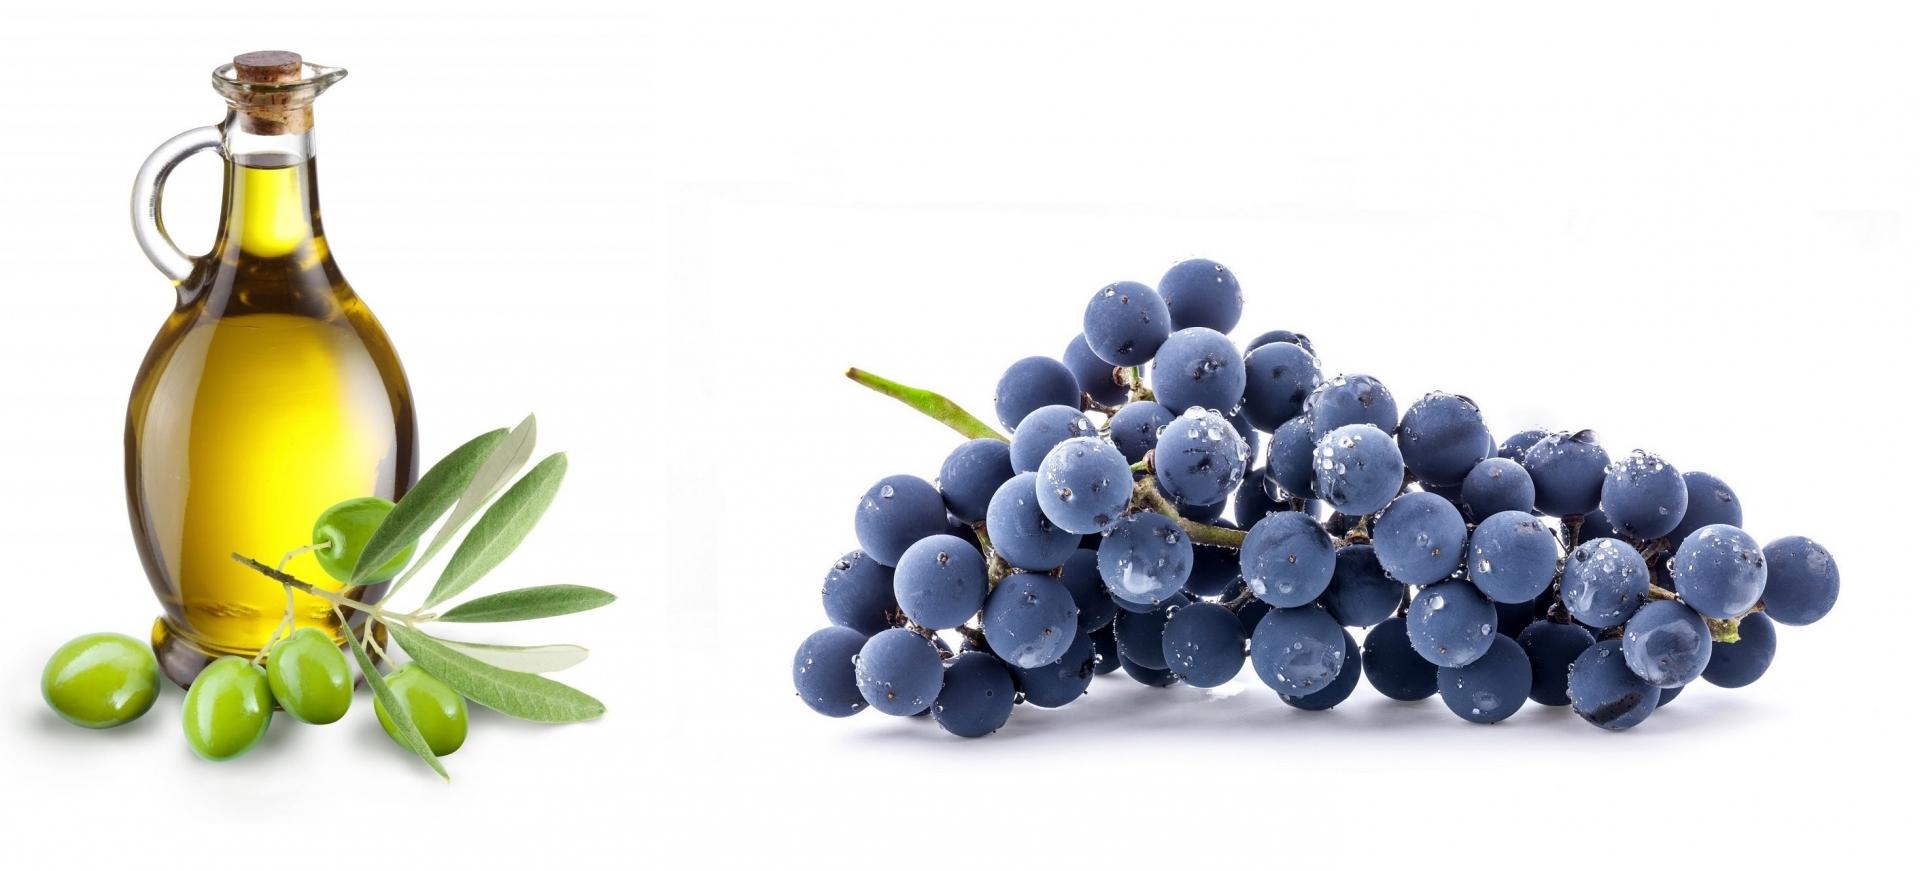 Mare&Mosto-Le vigne sospese, il mondo del vino e dell'olio ligure torna a Sestri Levante